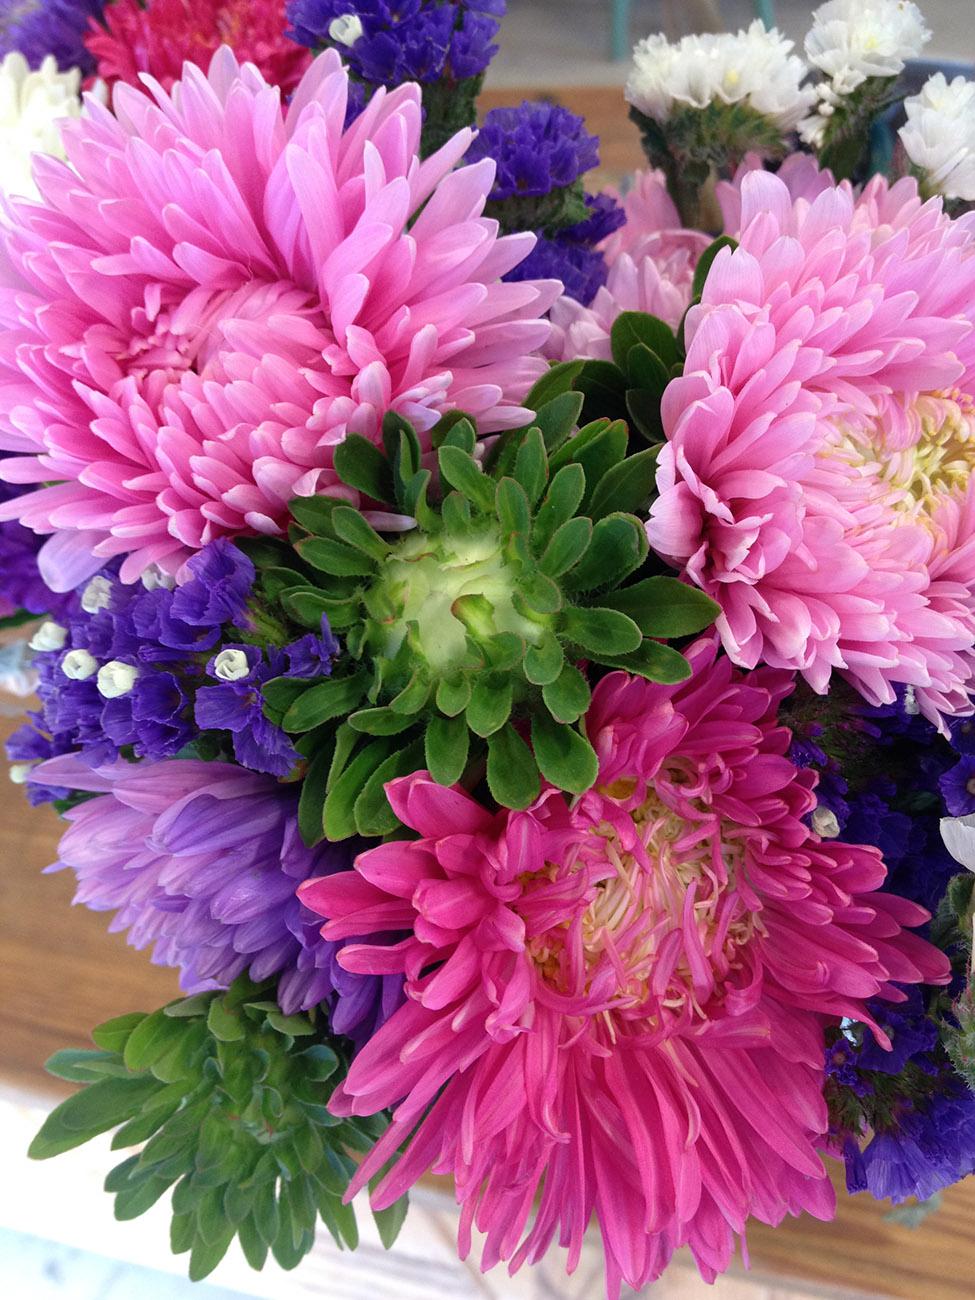 blomster03_nett.jpg